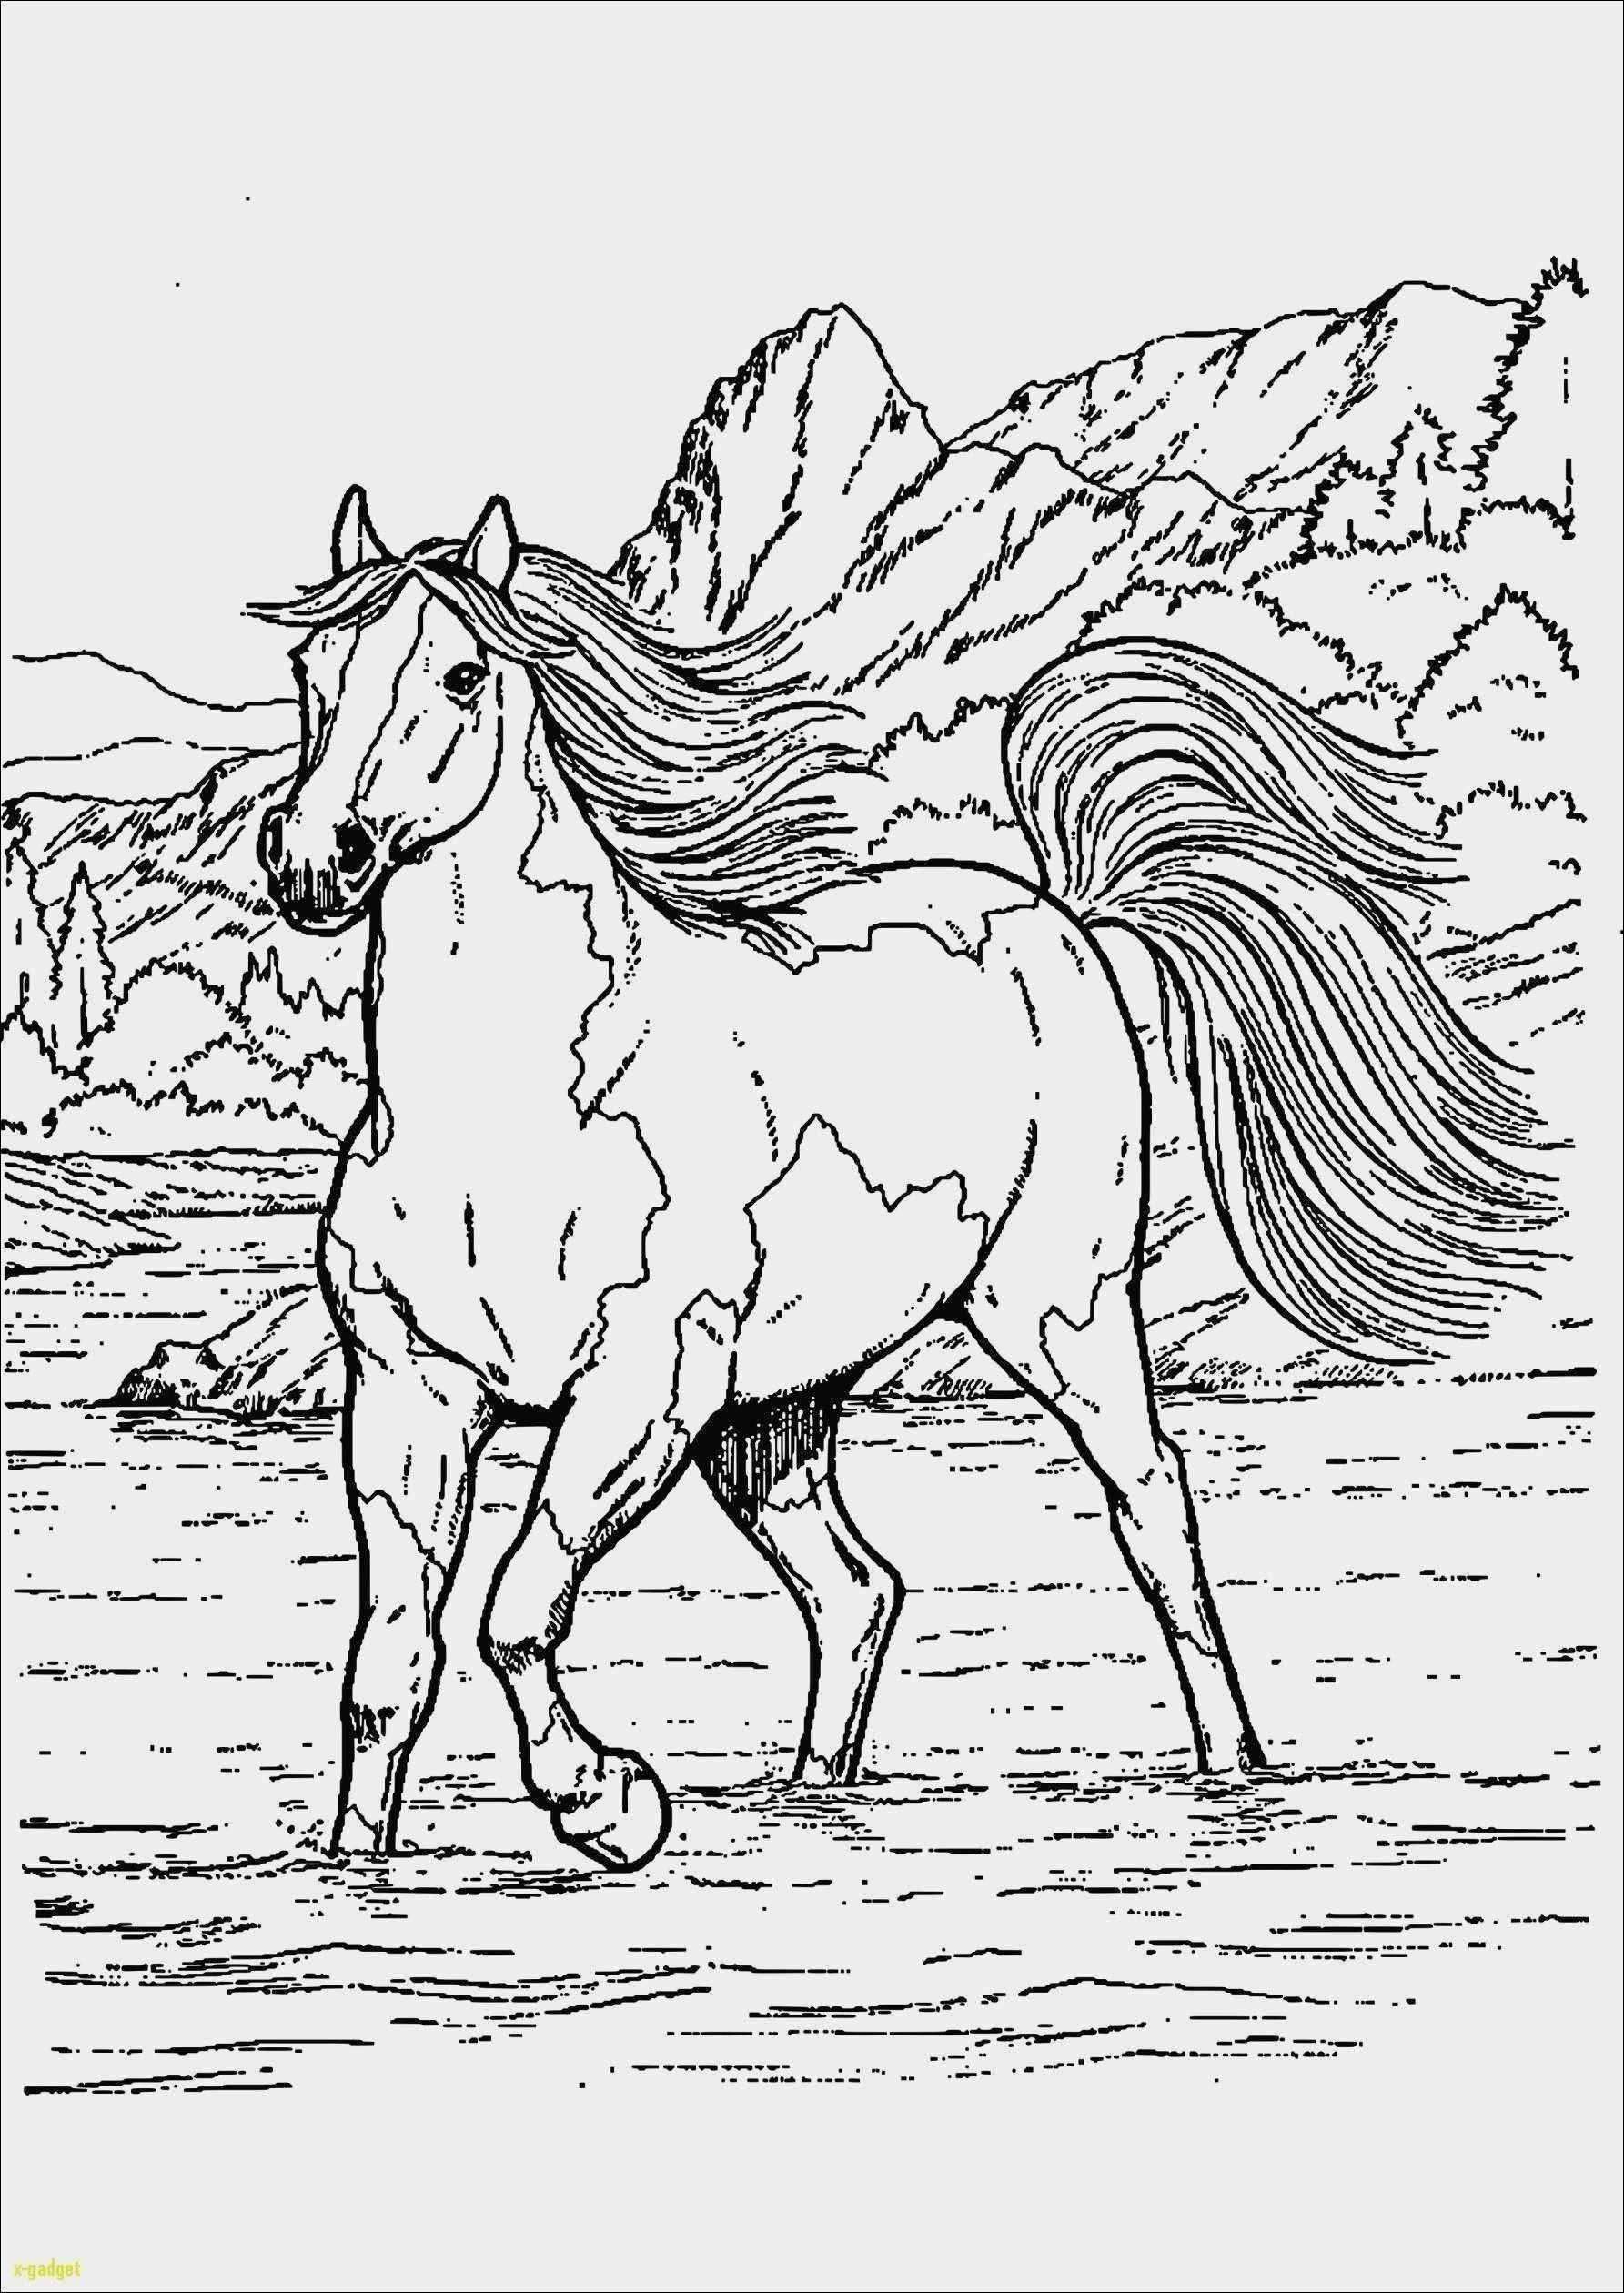 Malvorlagen Pferde Zum Ausdrucken Pdf Aiquruguay